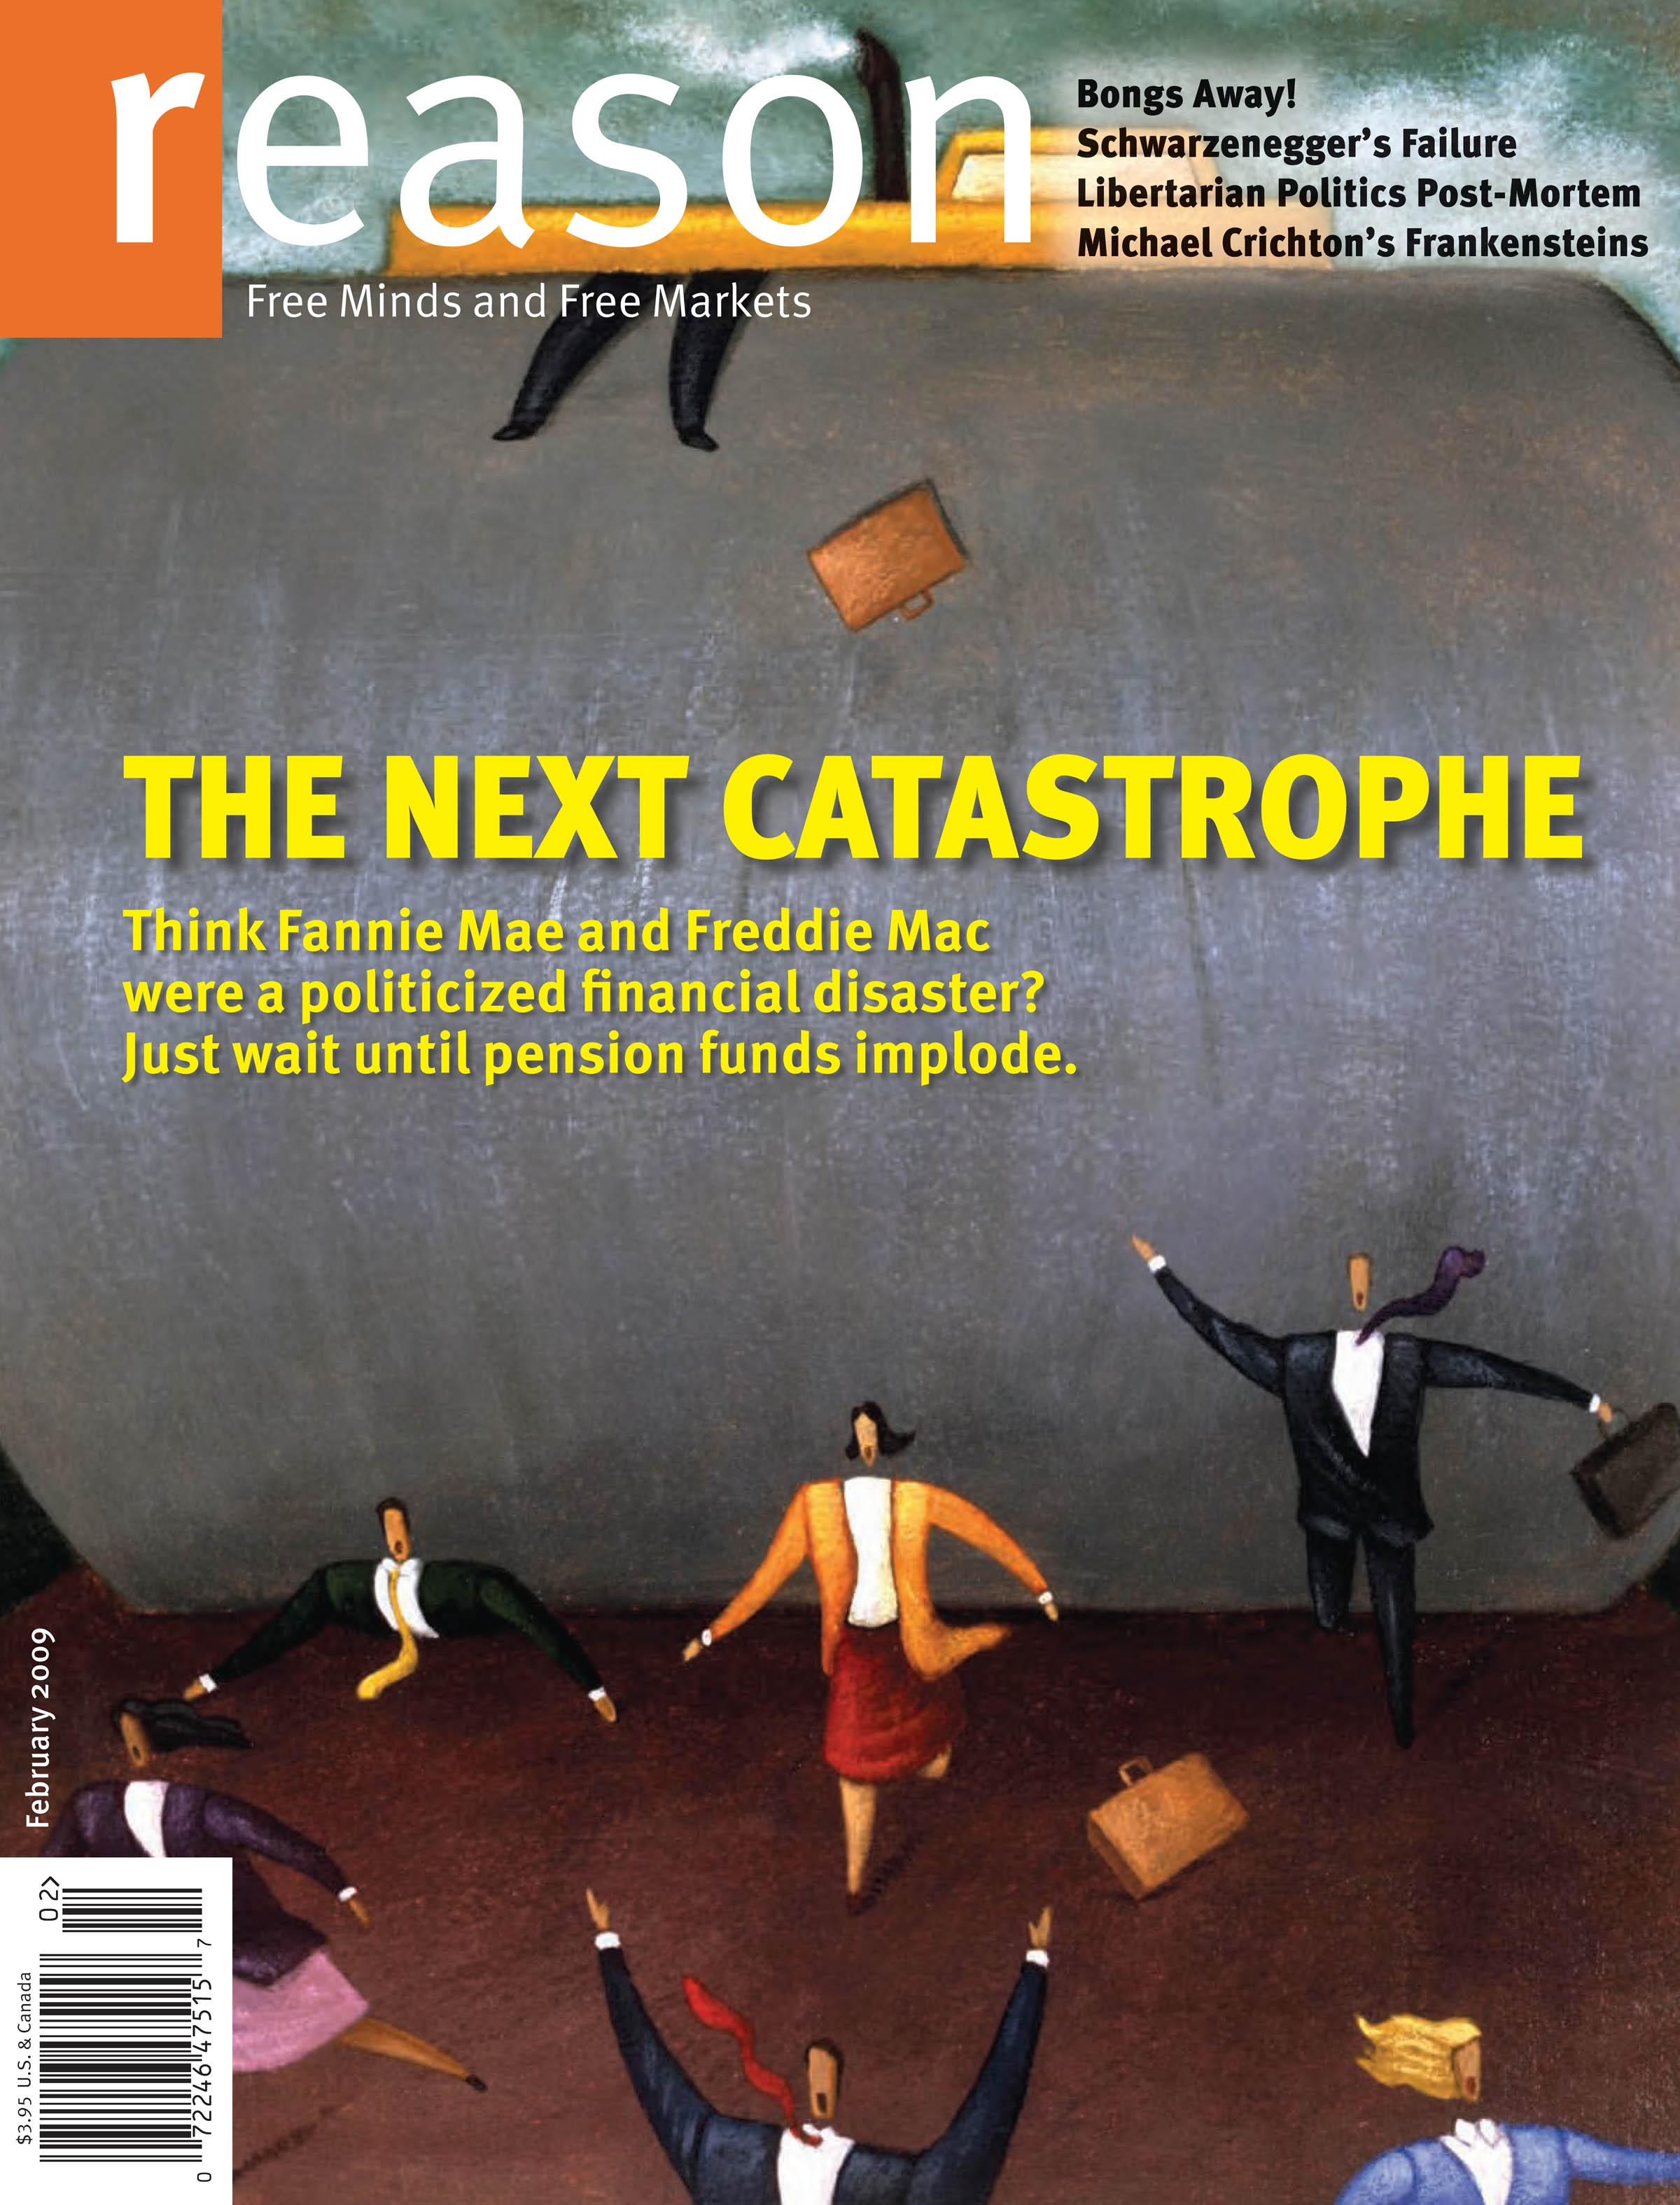 Reason Magazine, February 2009 cover image